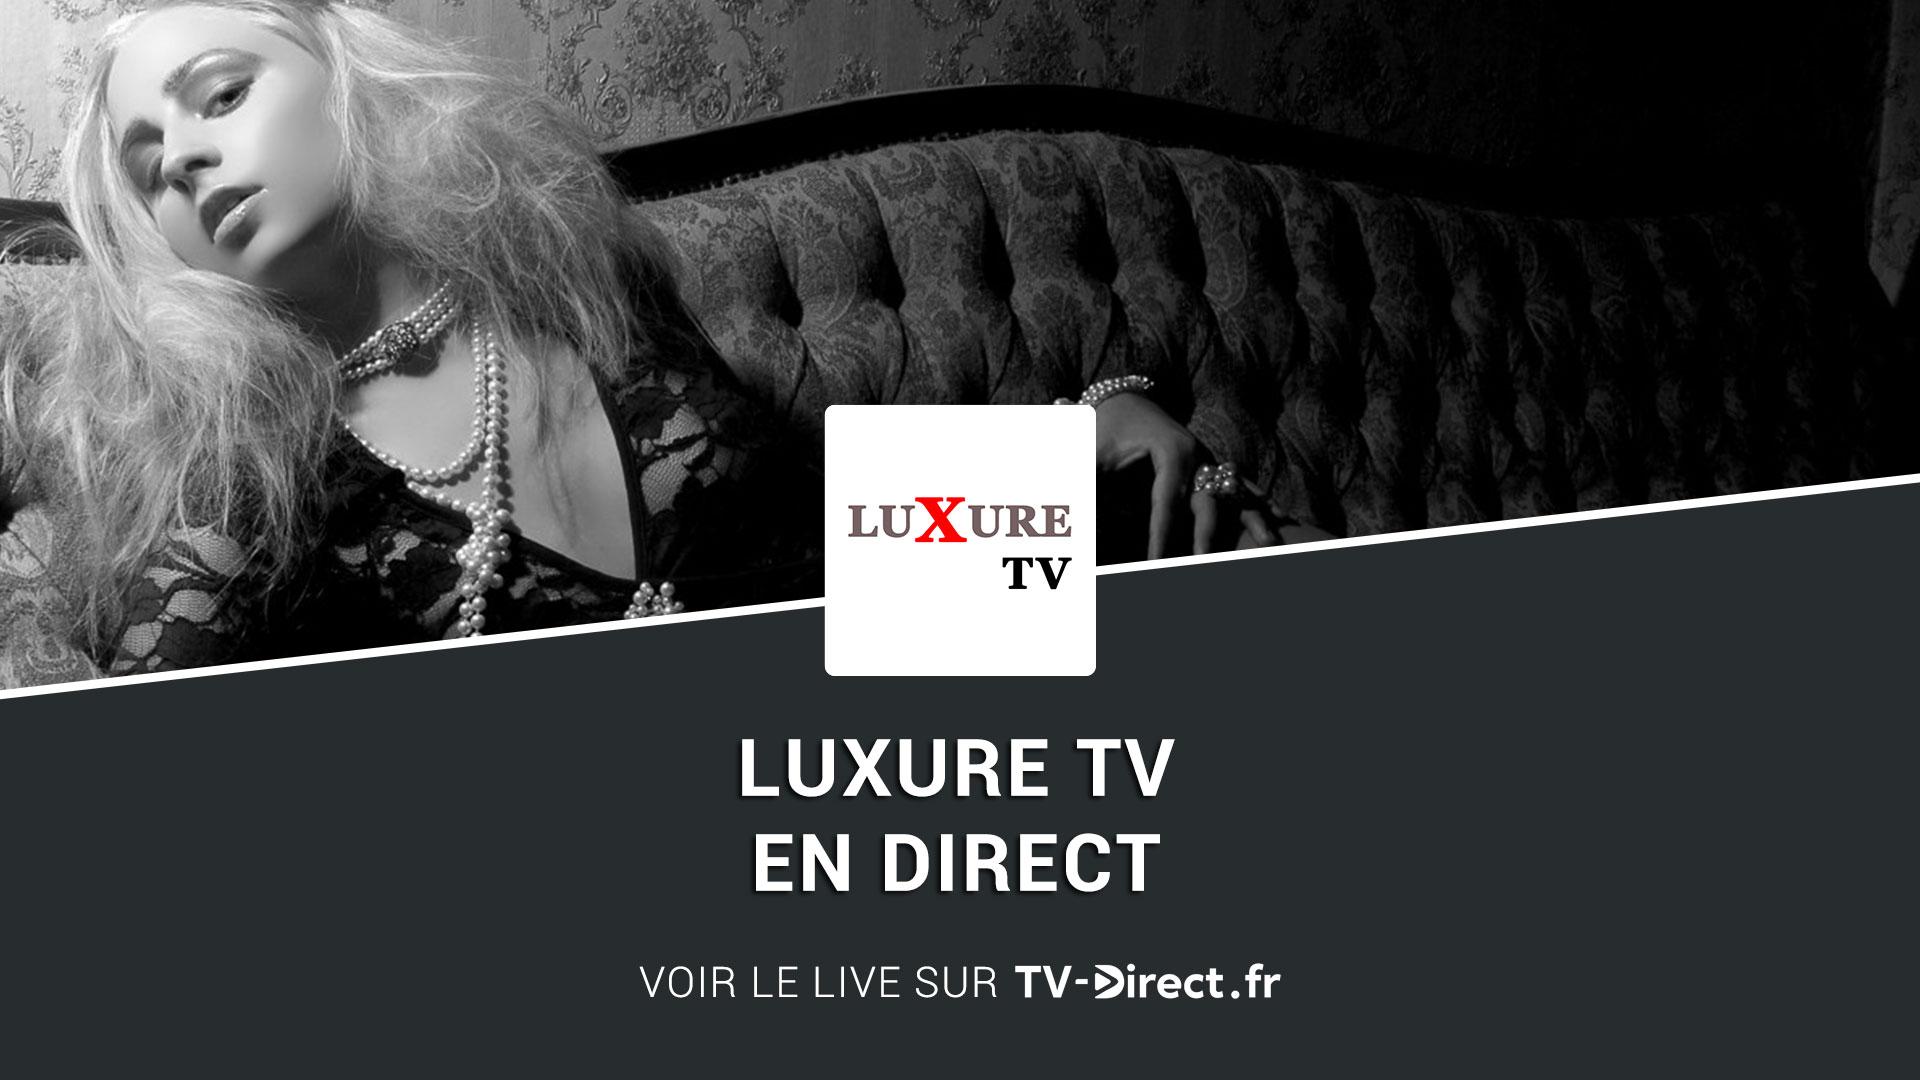 Luxure Tv